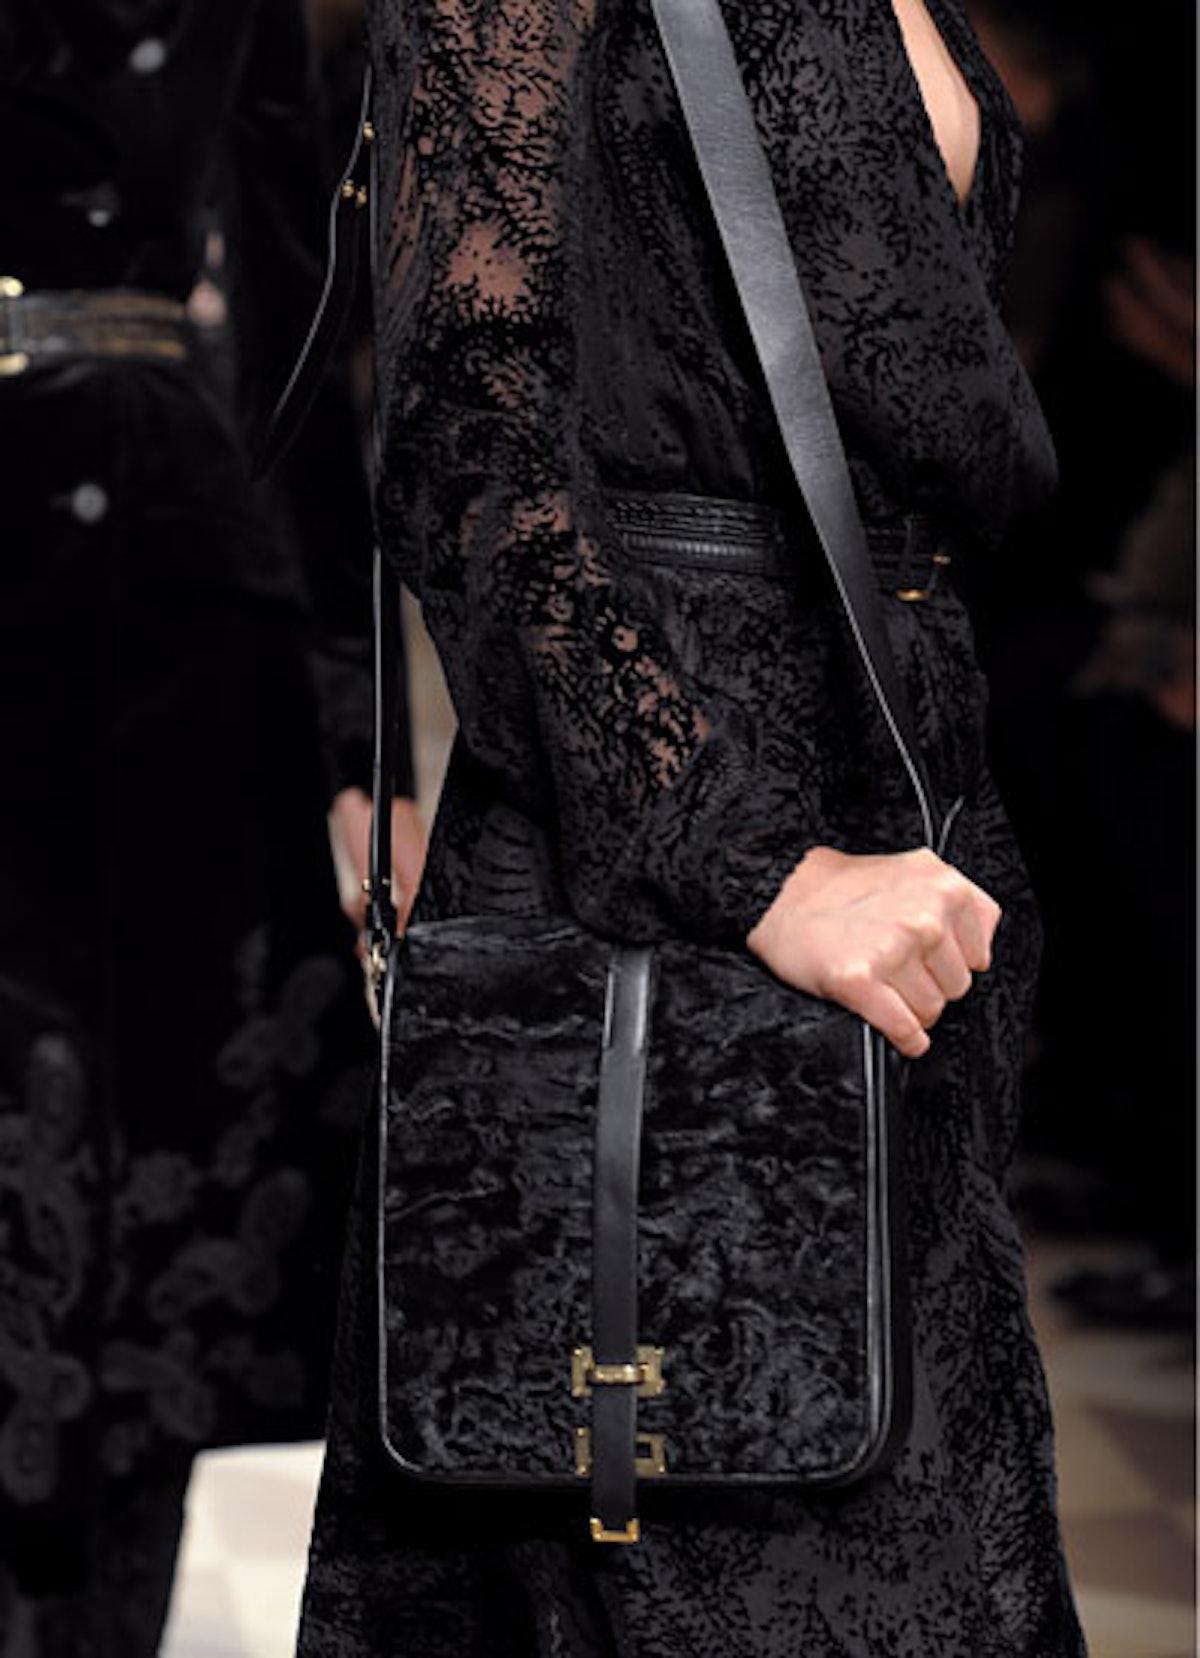 acss-milan-handbags-04-v.jpg